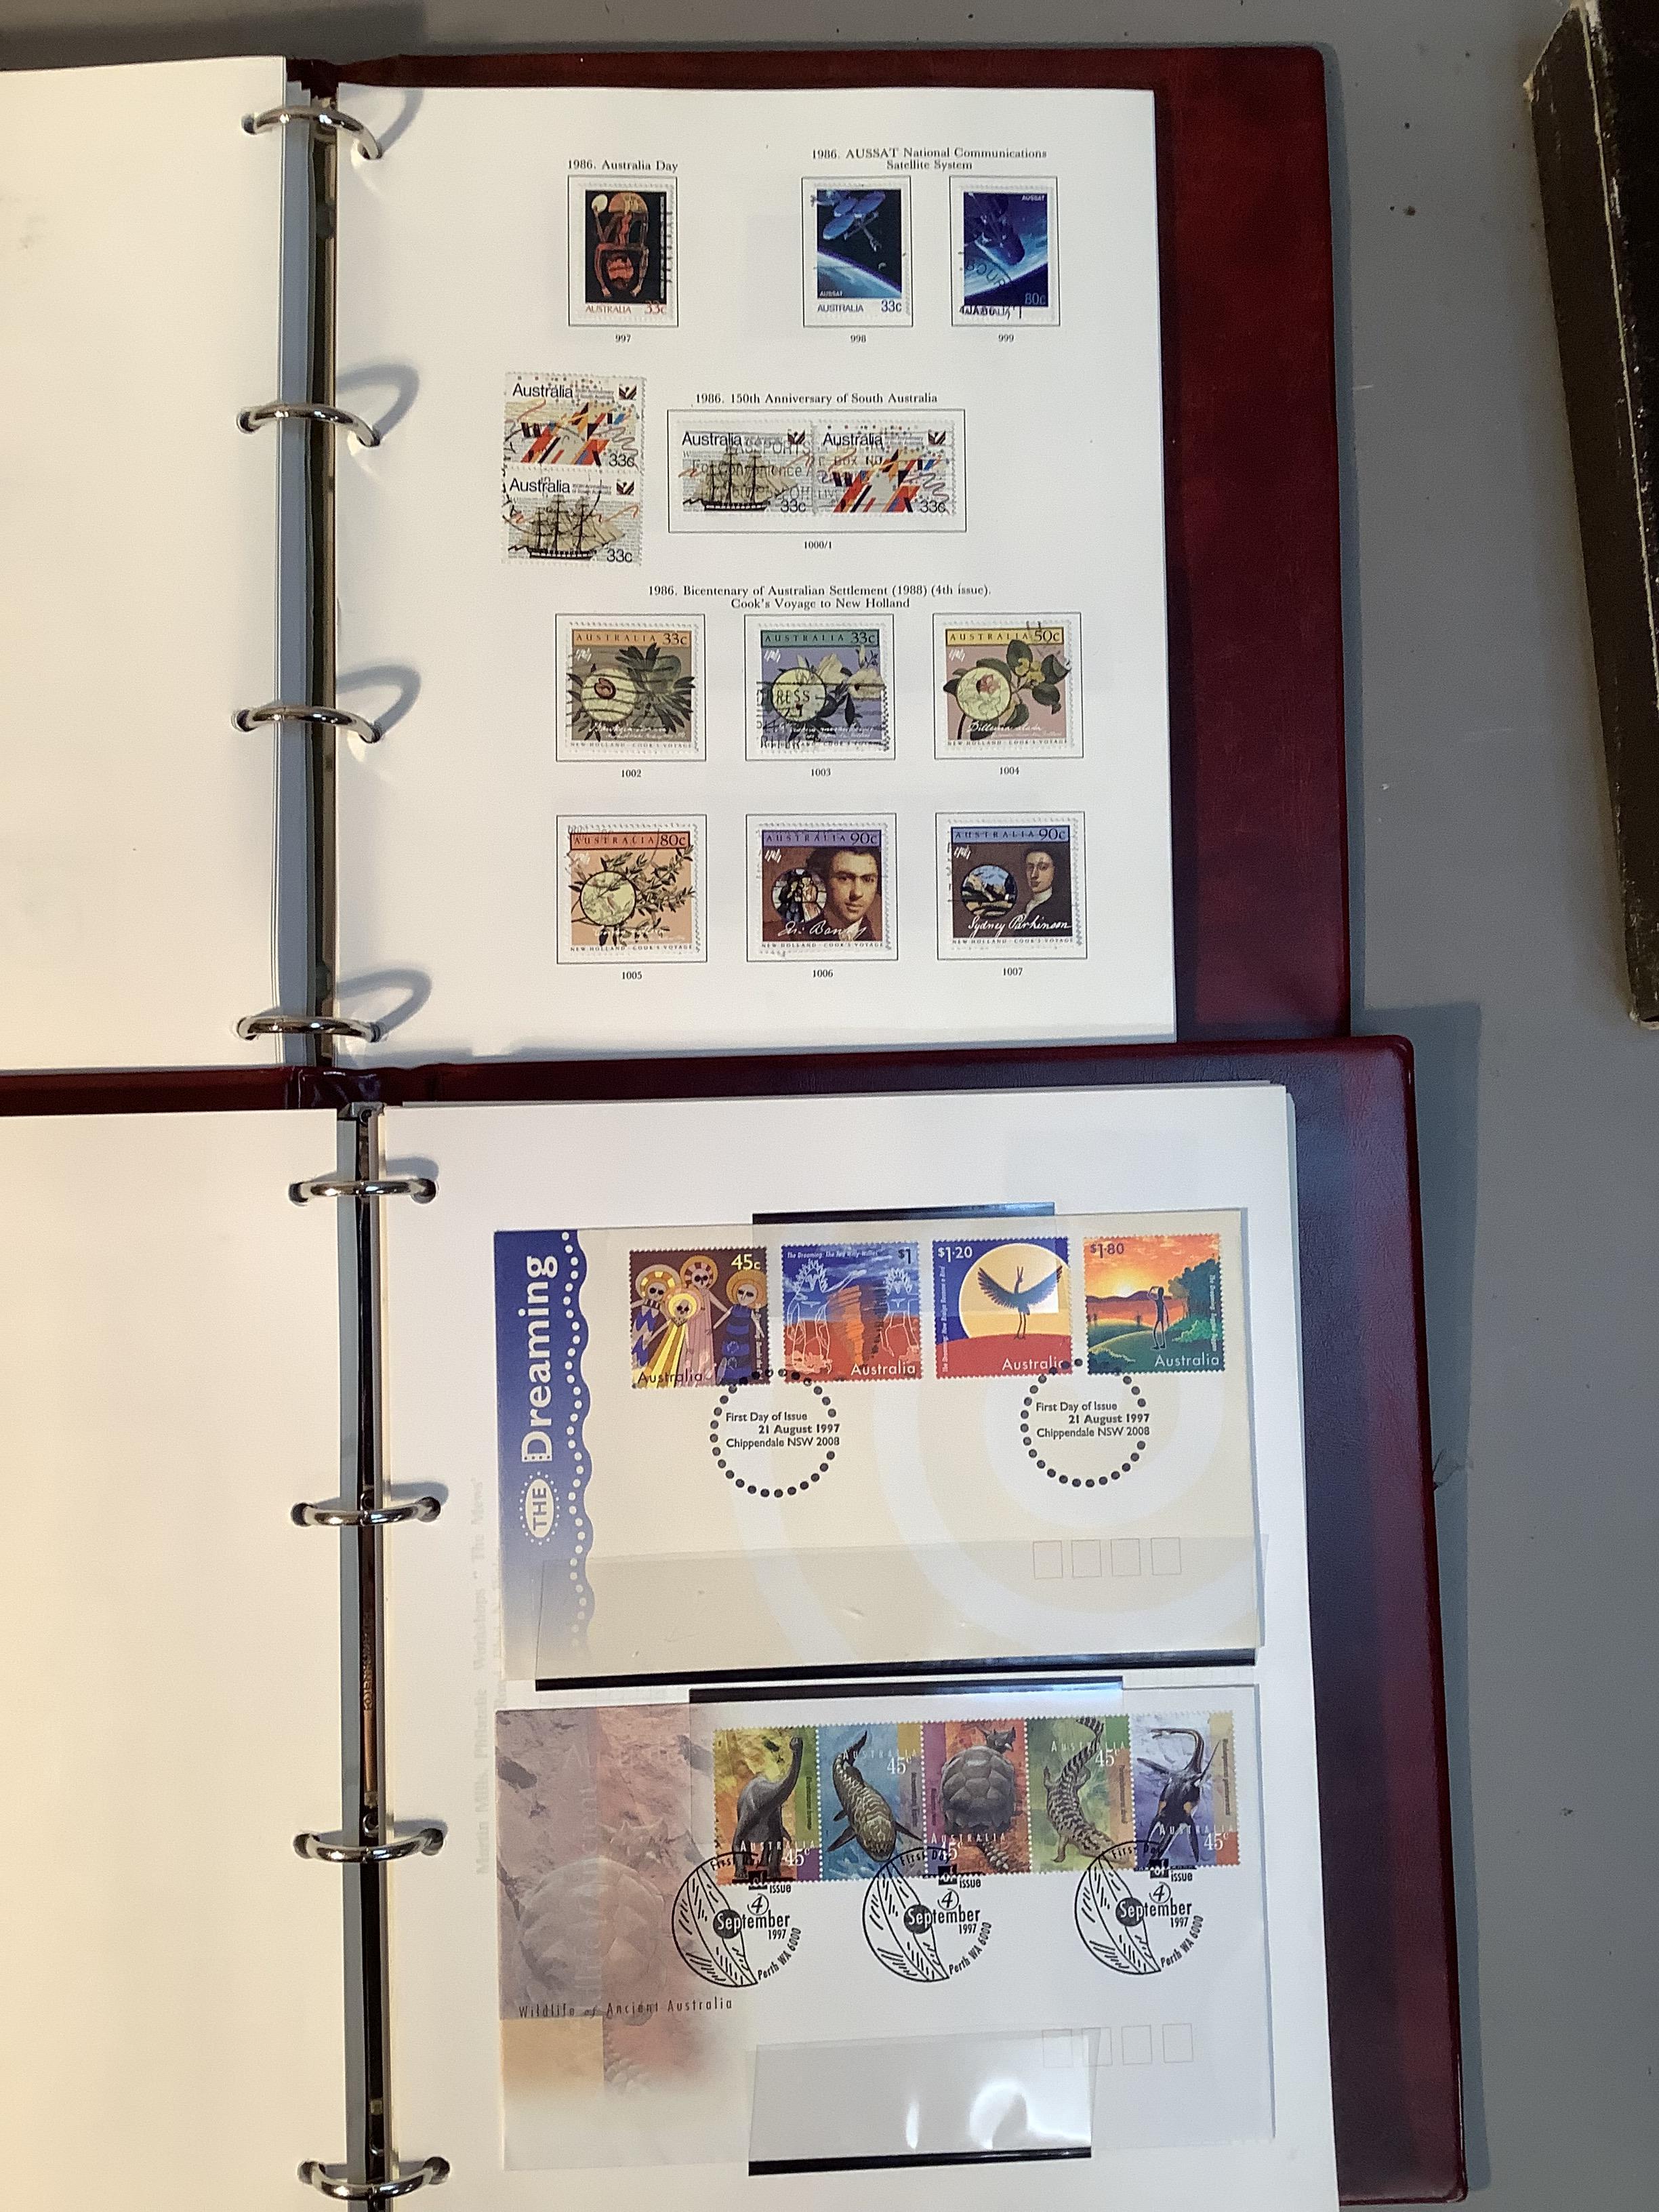 Two SG Australia stamp albums, Australian states for 1856 to 1913, Kangaroos though 20th century